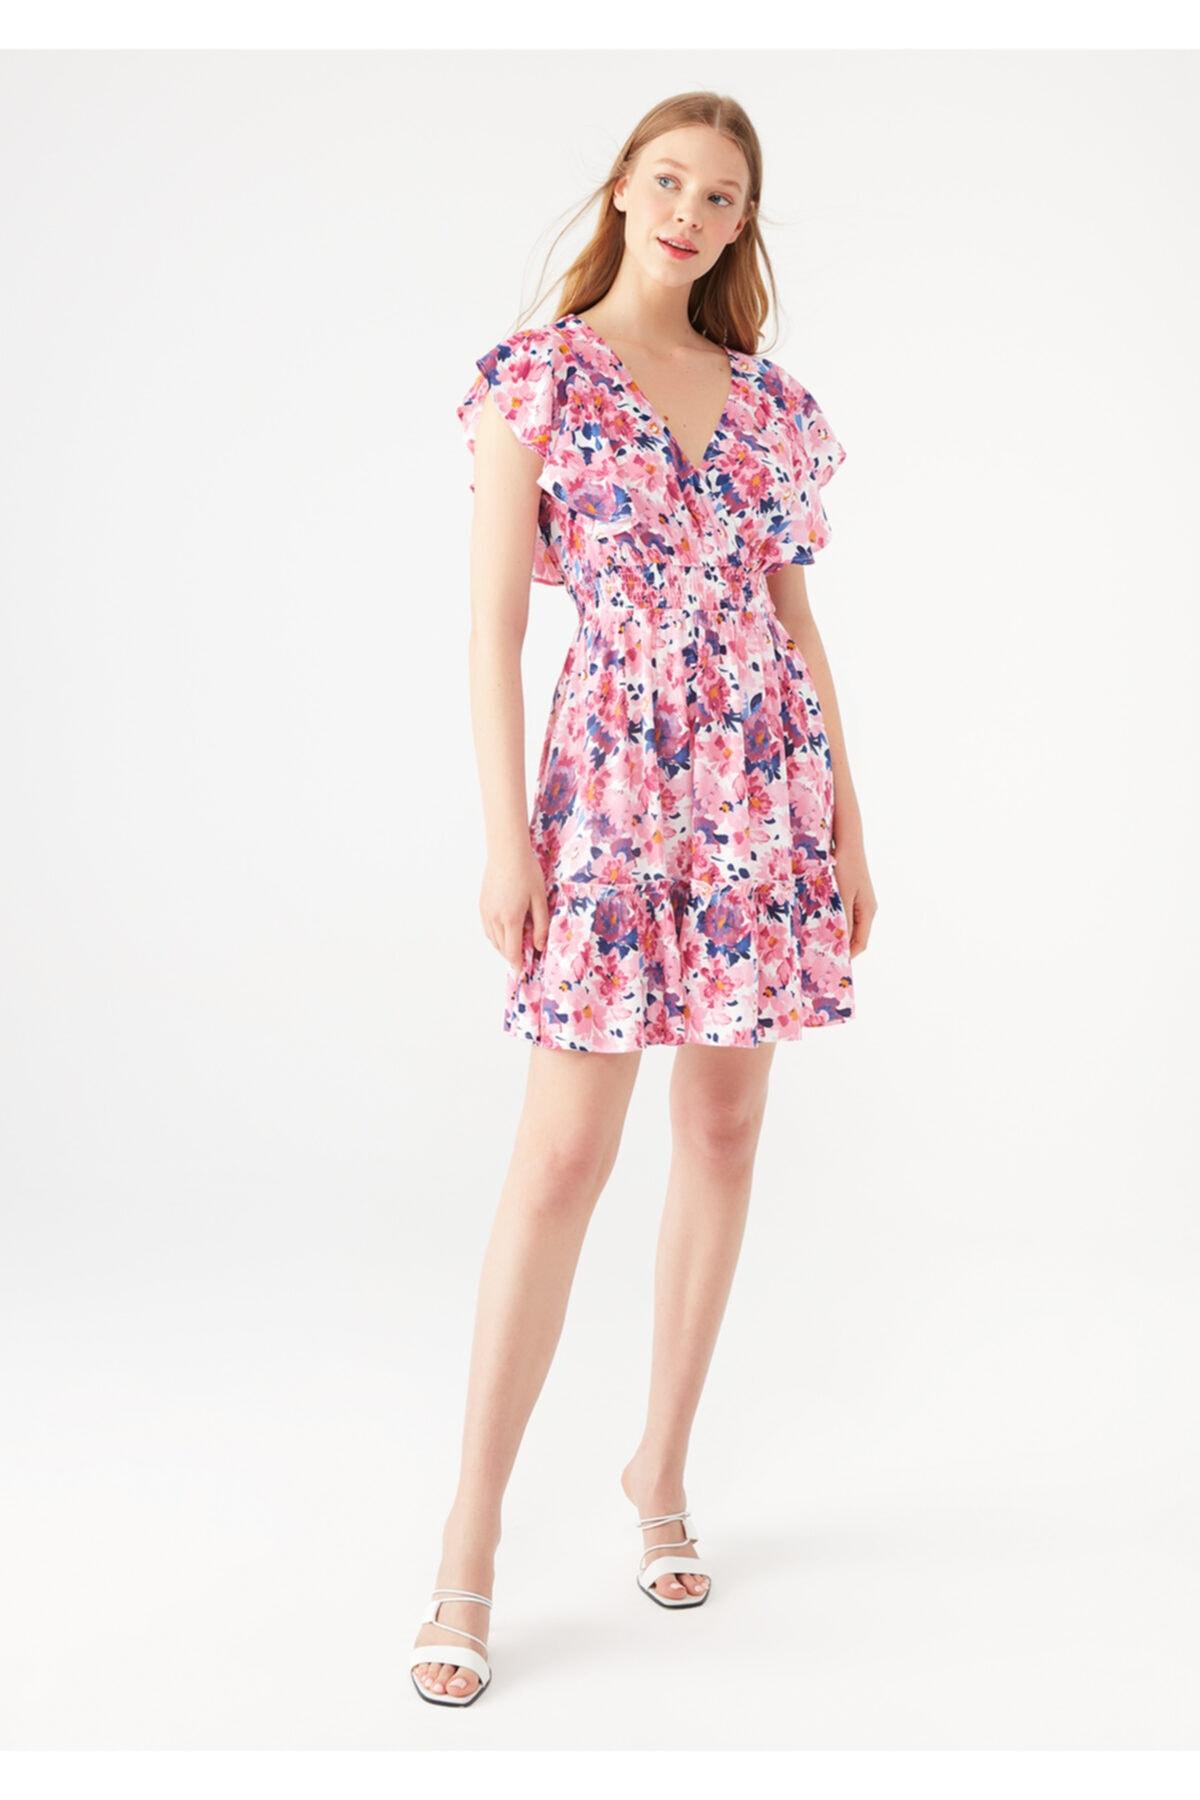 Kadın Çiçek Baskılı Fırfırlı Pembe Elbise 131137-35344